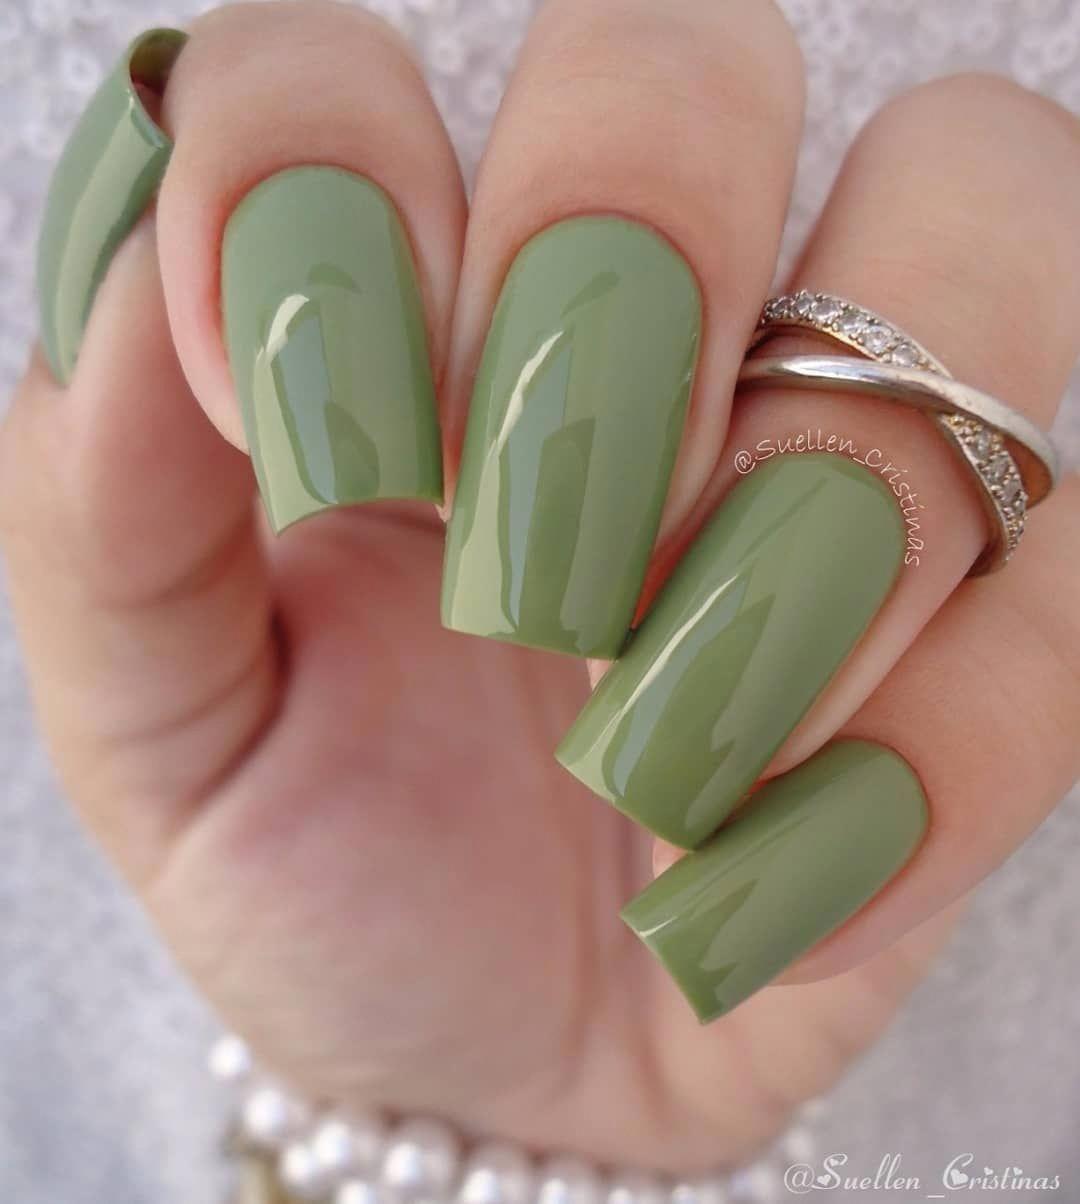 Pin On Nails Stuff